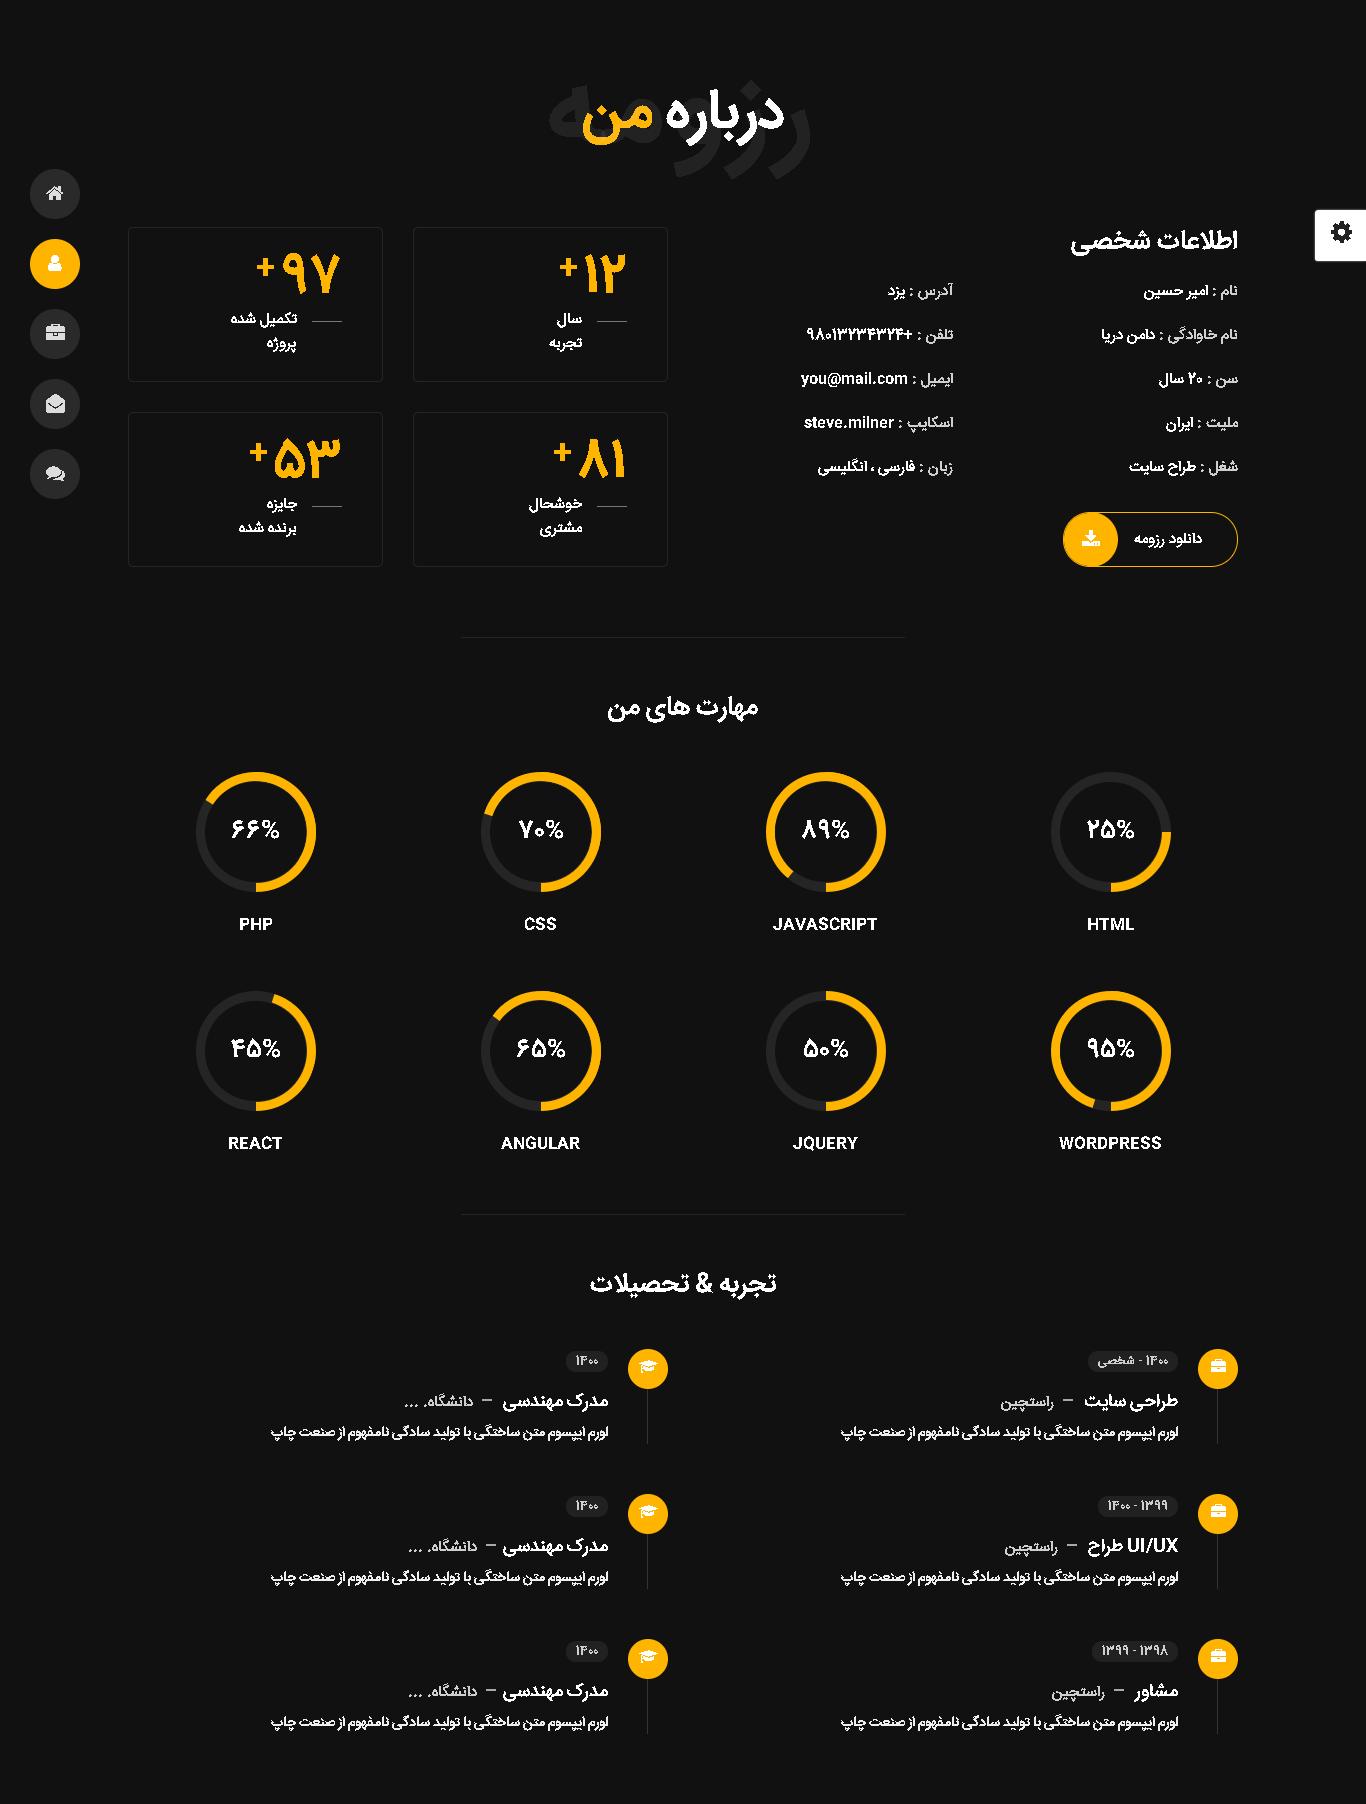 صفحه درباره ما اسکریپت Tunis